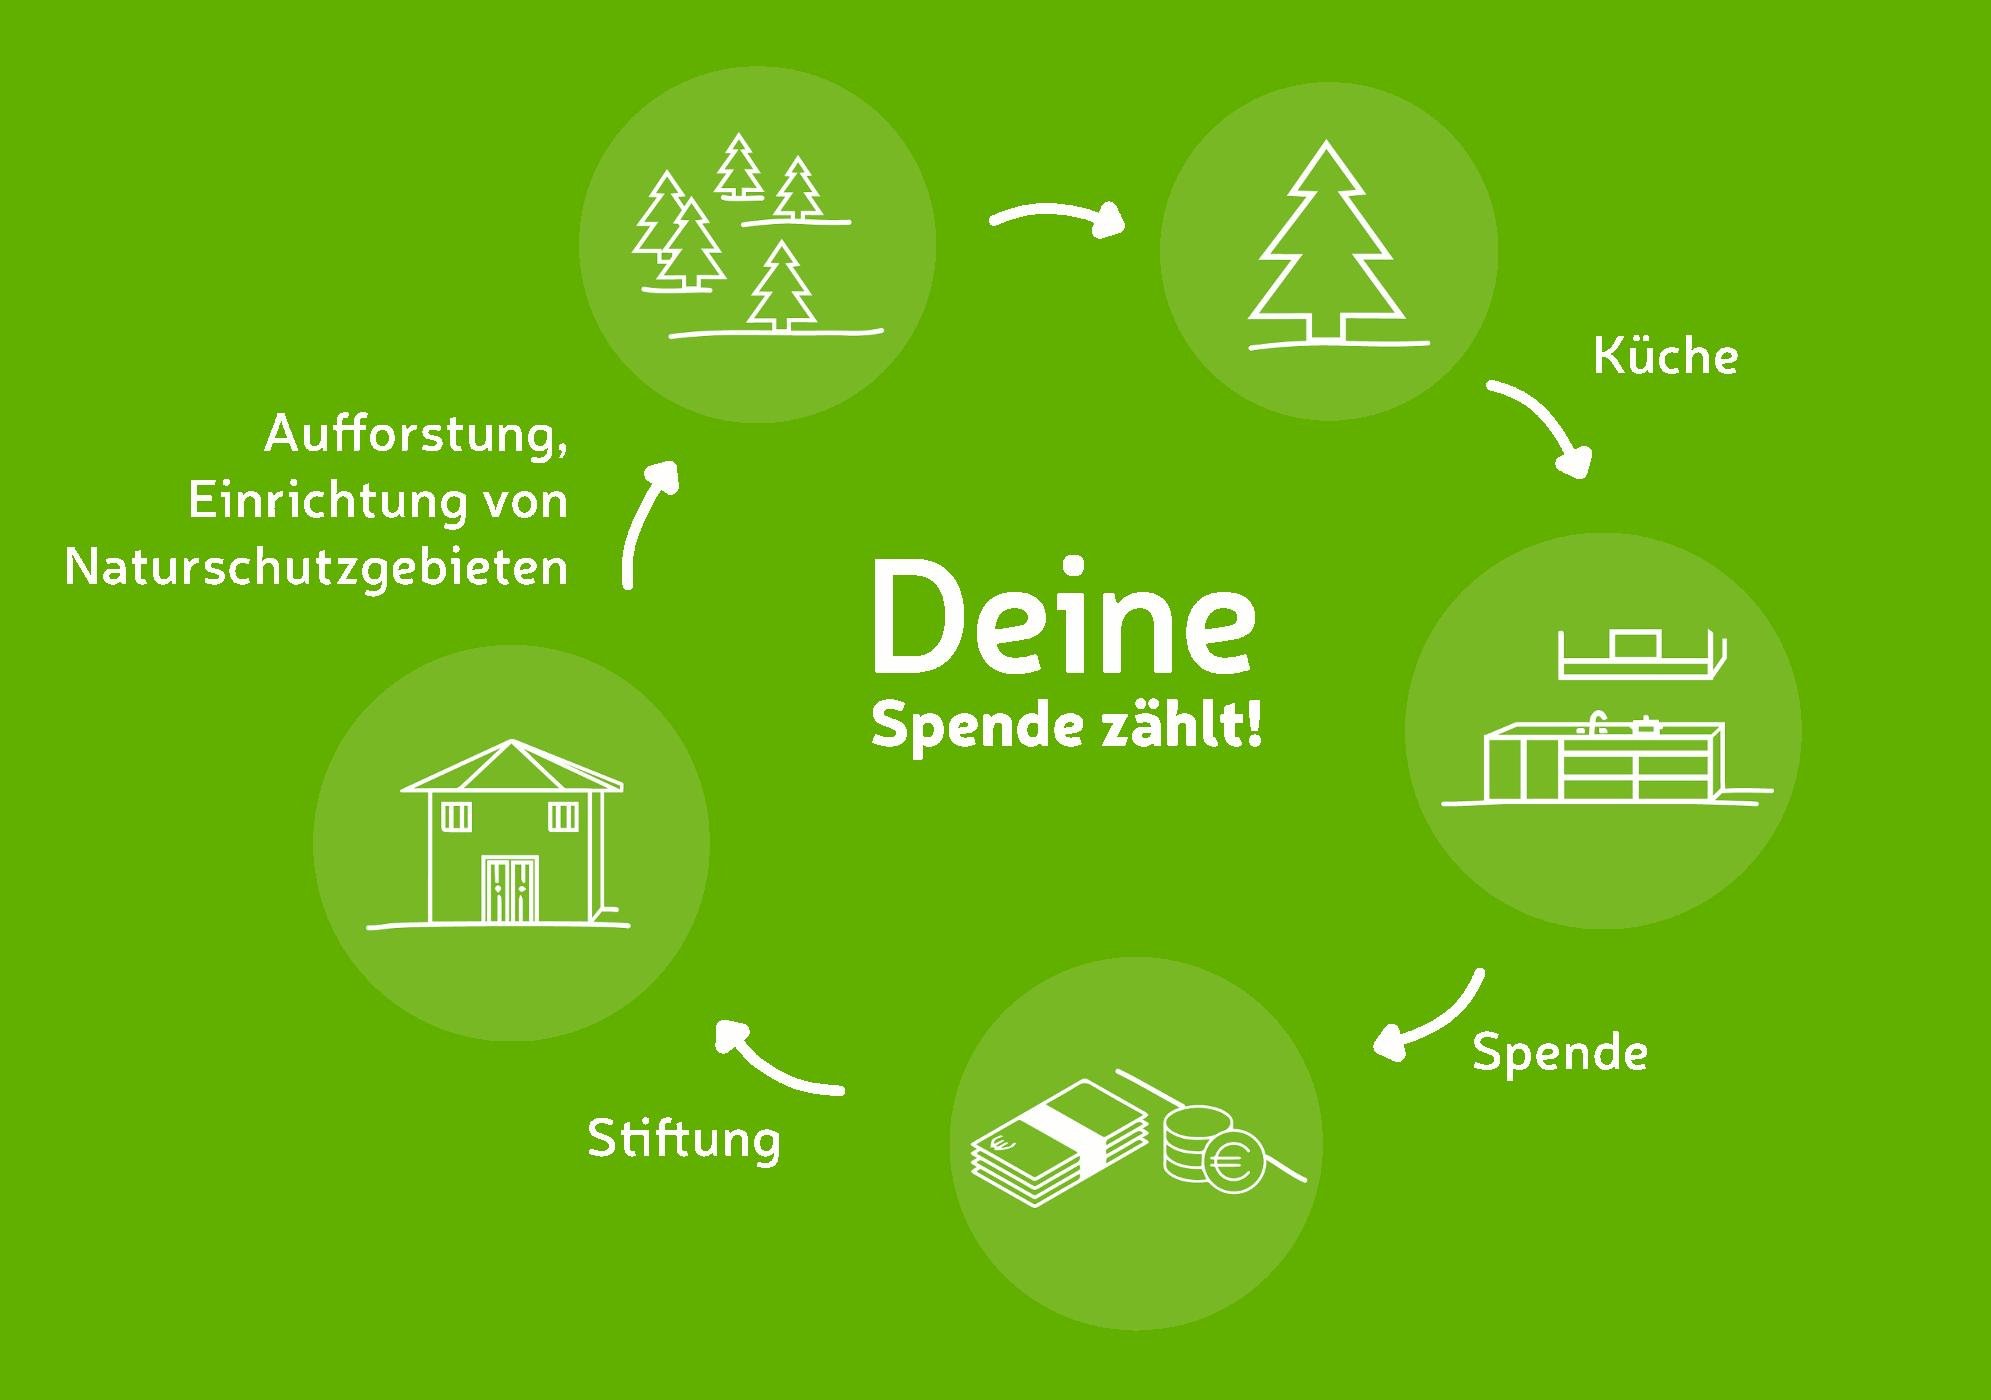 Der Kreislauf von Schwarzwald Küchen in Freiburg und Singen